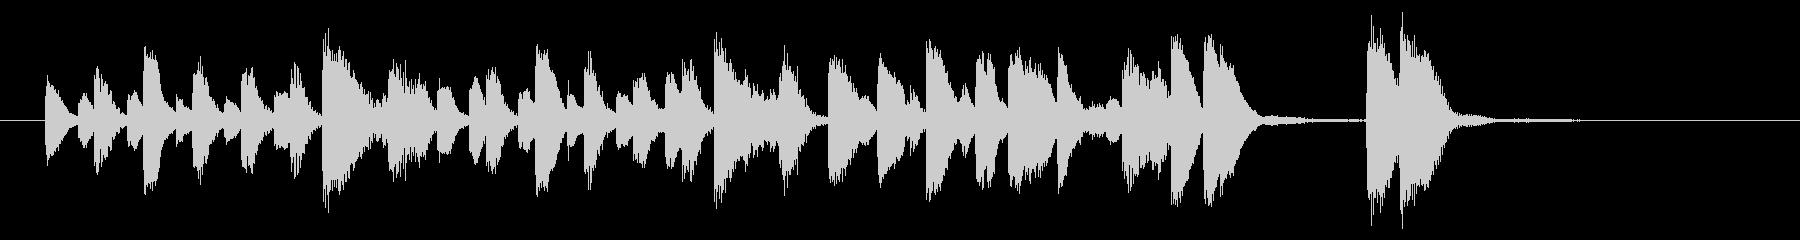 軽快なラグタイムピアノの未再生の波形